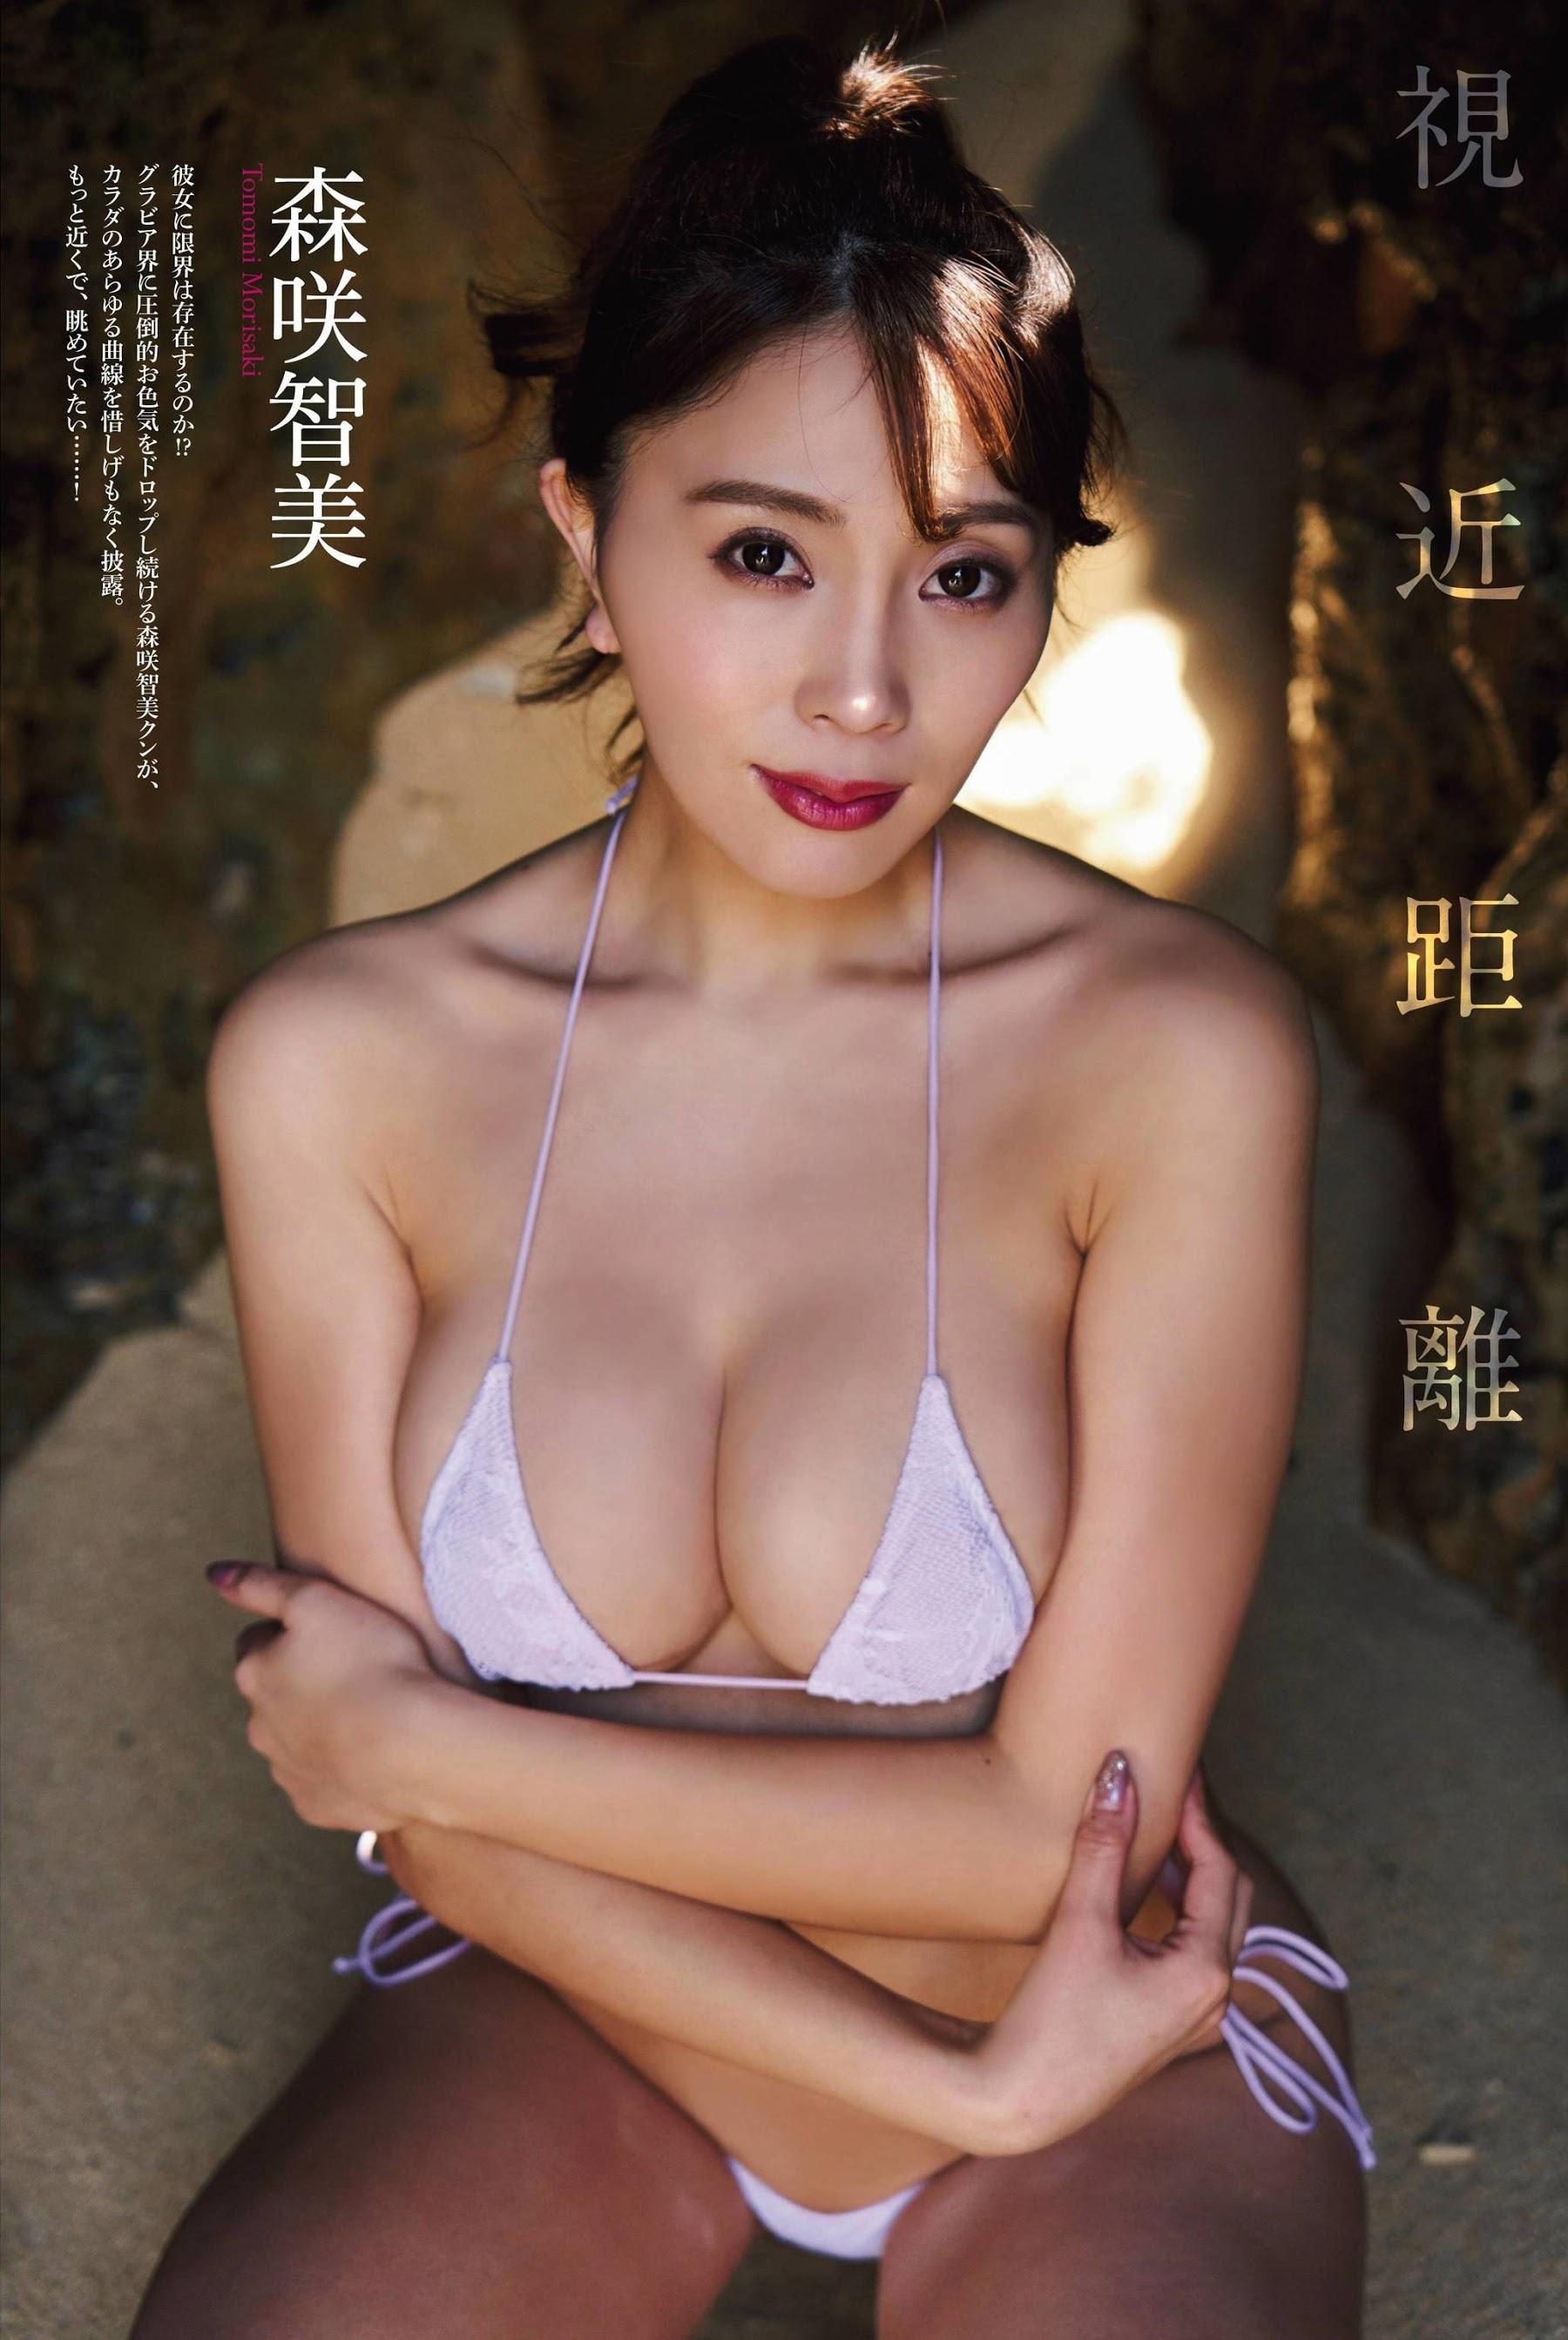 Tomomi Morisaki231001